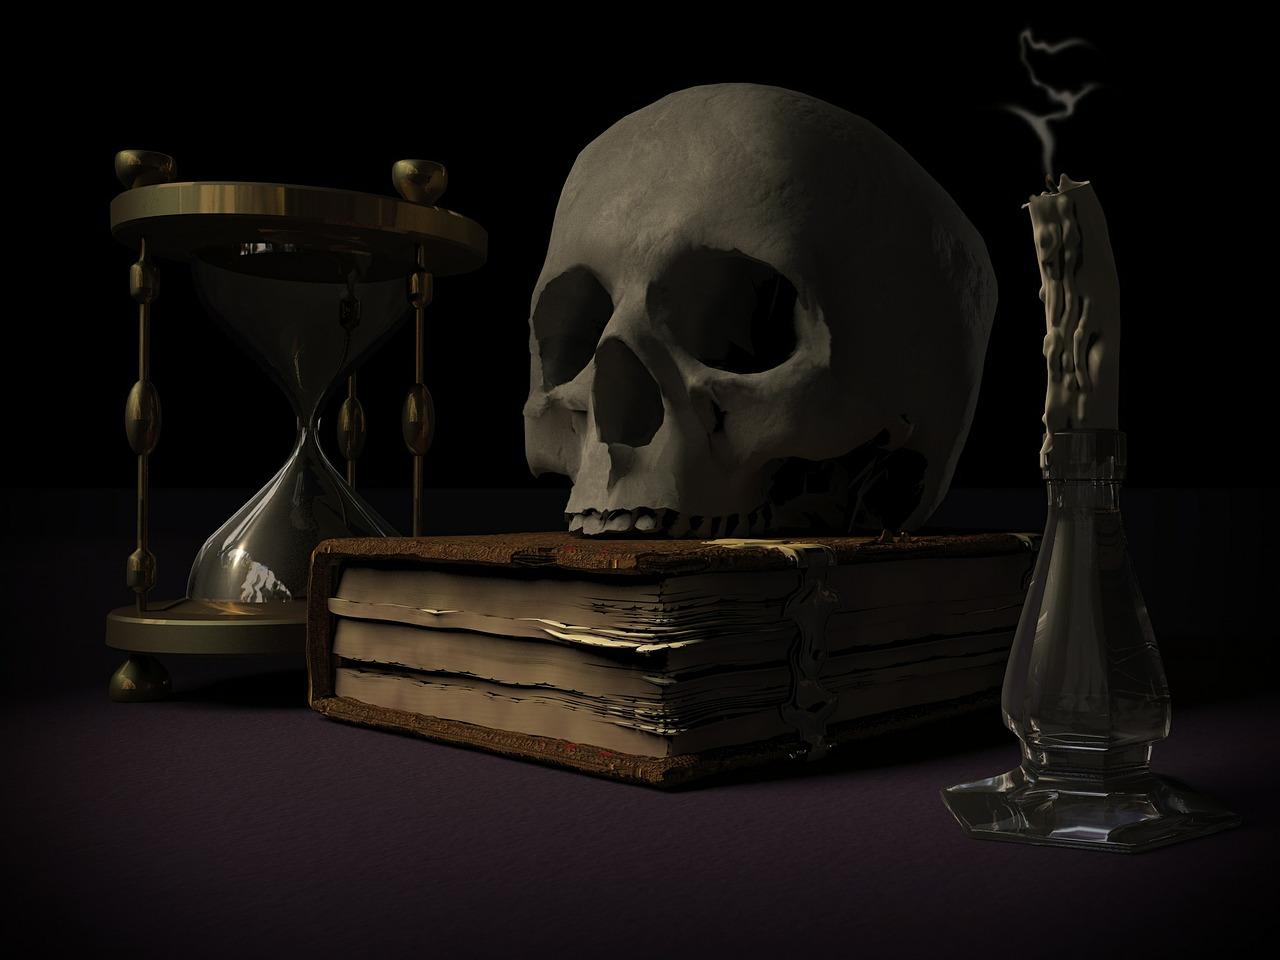 Mortality | Pixabay